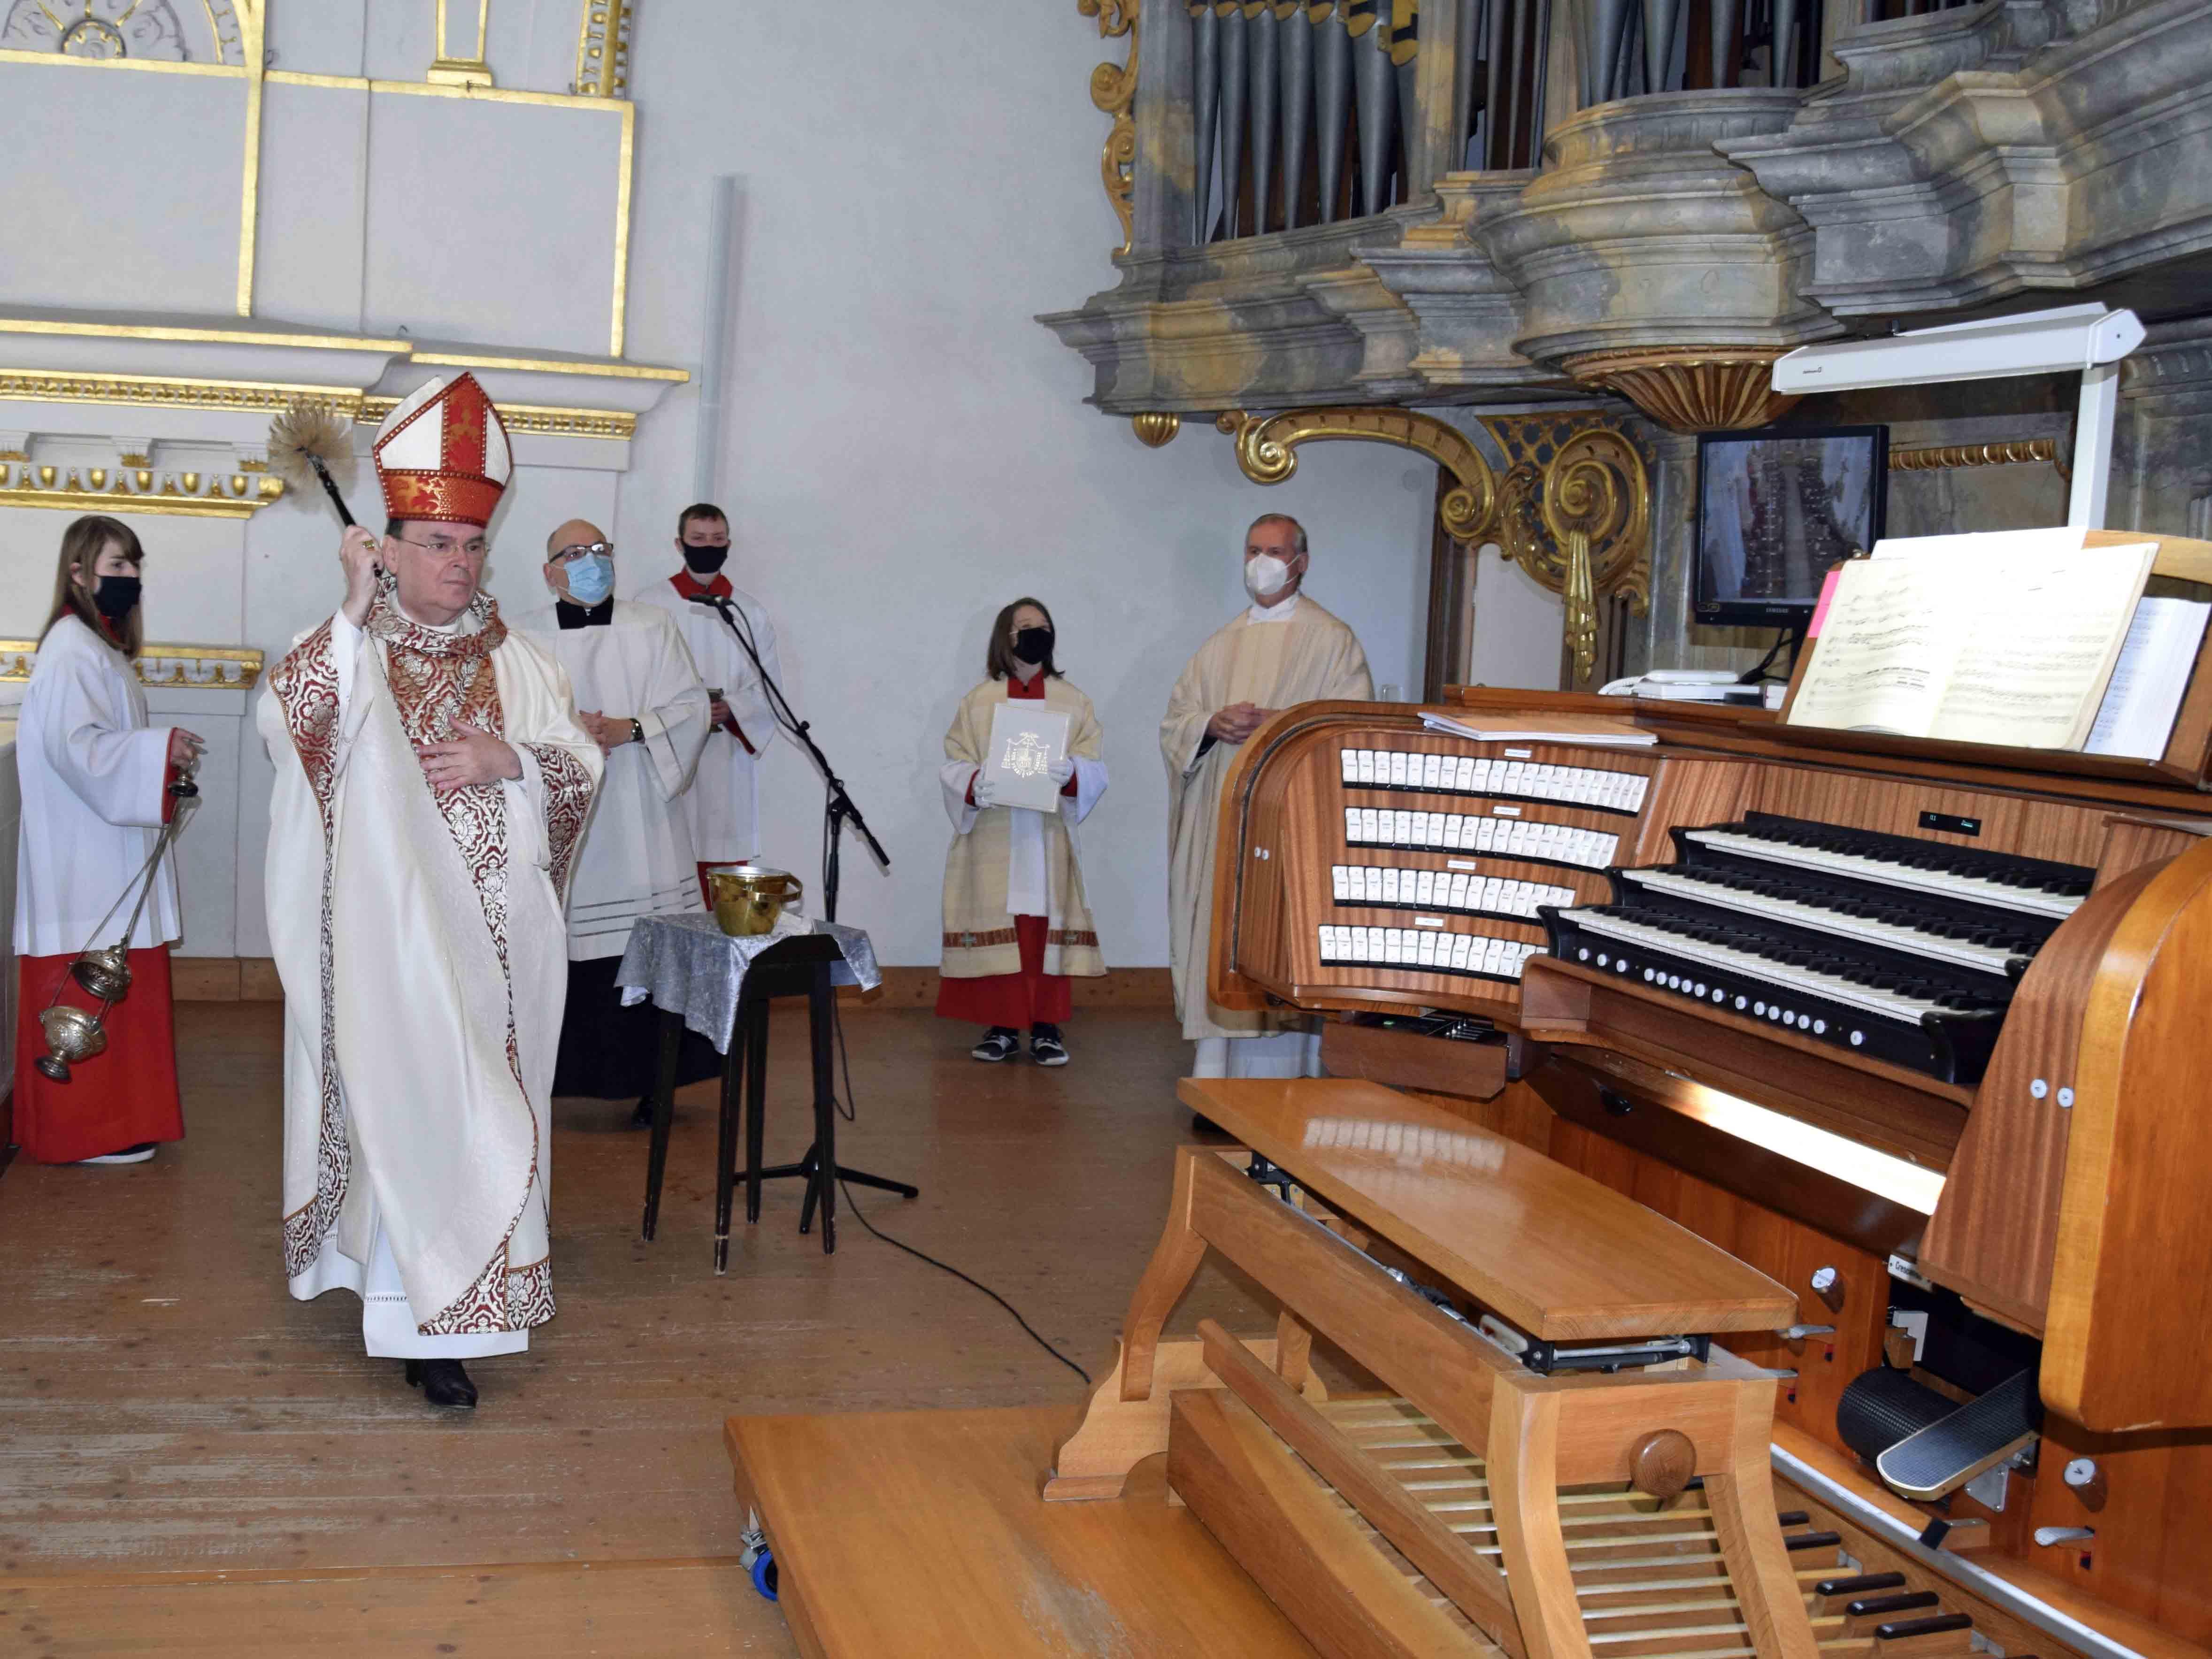 Orgelweihe mit Bischof Bertram in der Basilika St. Lorenz in Kempten. (Foto: Verspohl-Nitsche / pdke)